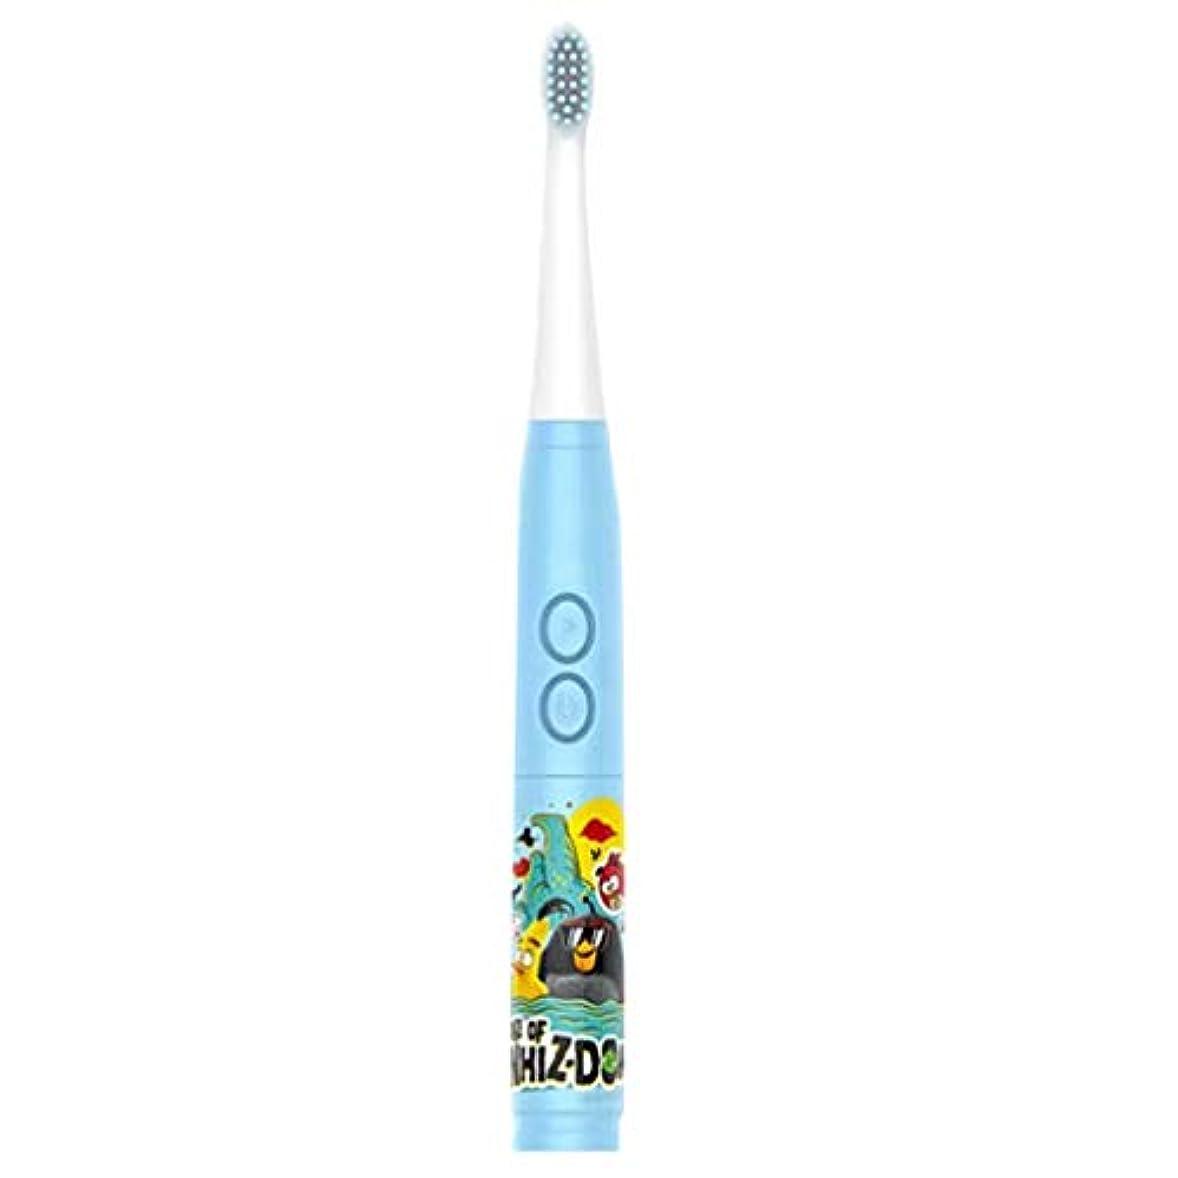 談話コンソール晩ごはんシンプルな子供の音楽電動歯ブラシ男の子と女の子の自動歯ブラシ3-6-12歳の柔らかい髪の赤ちゃんの歯ブラシの家 (色 : A)